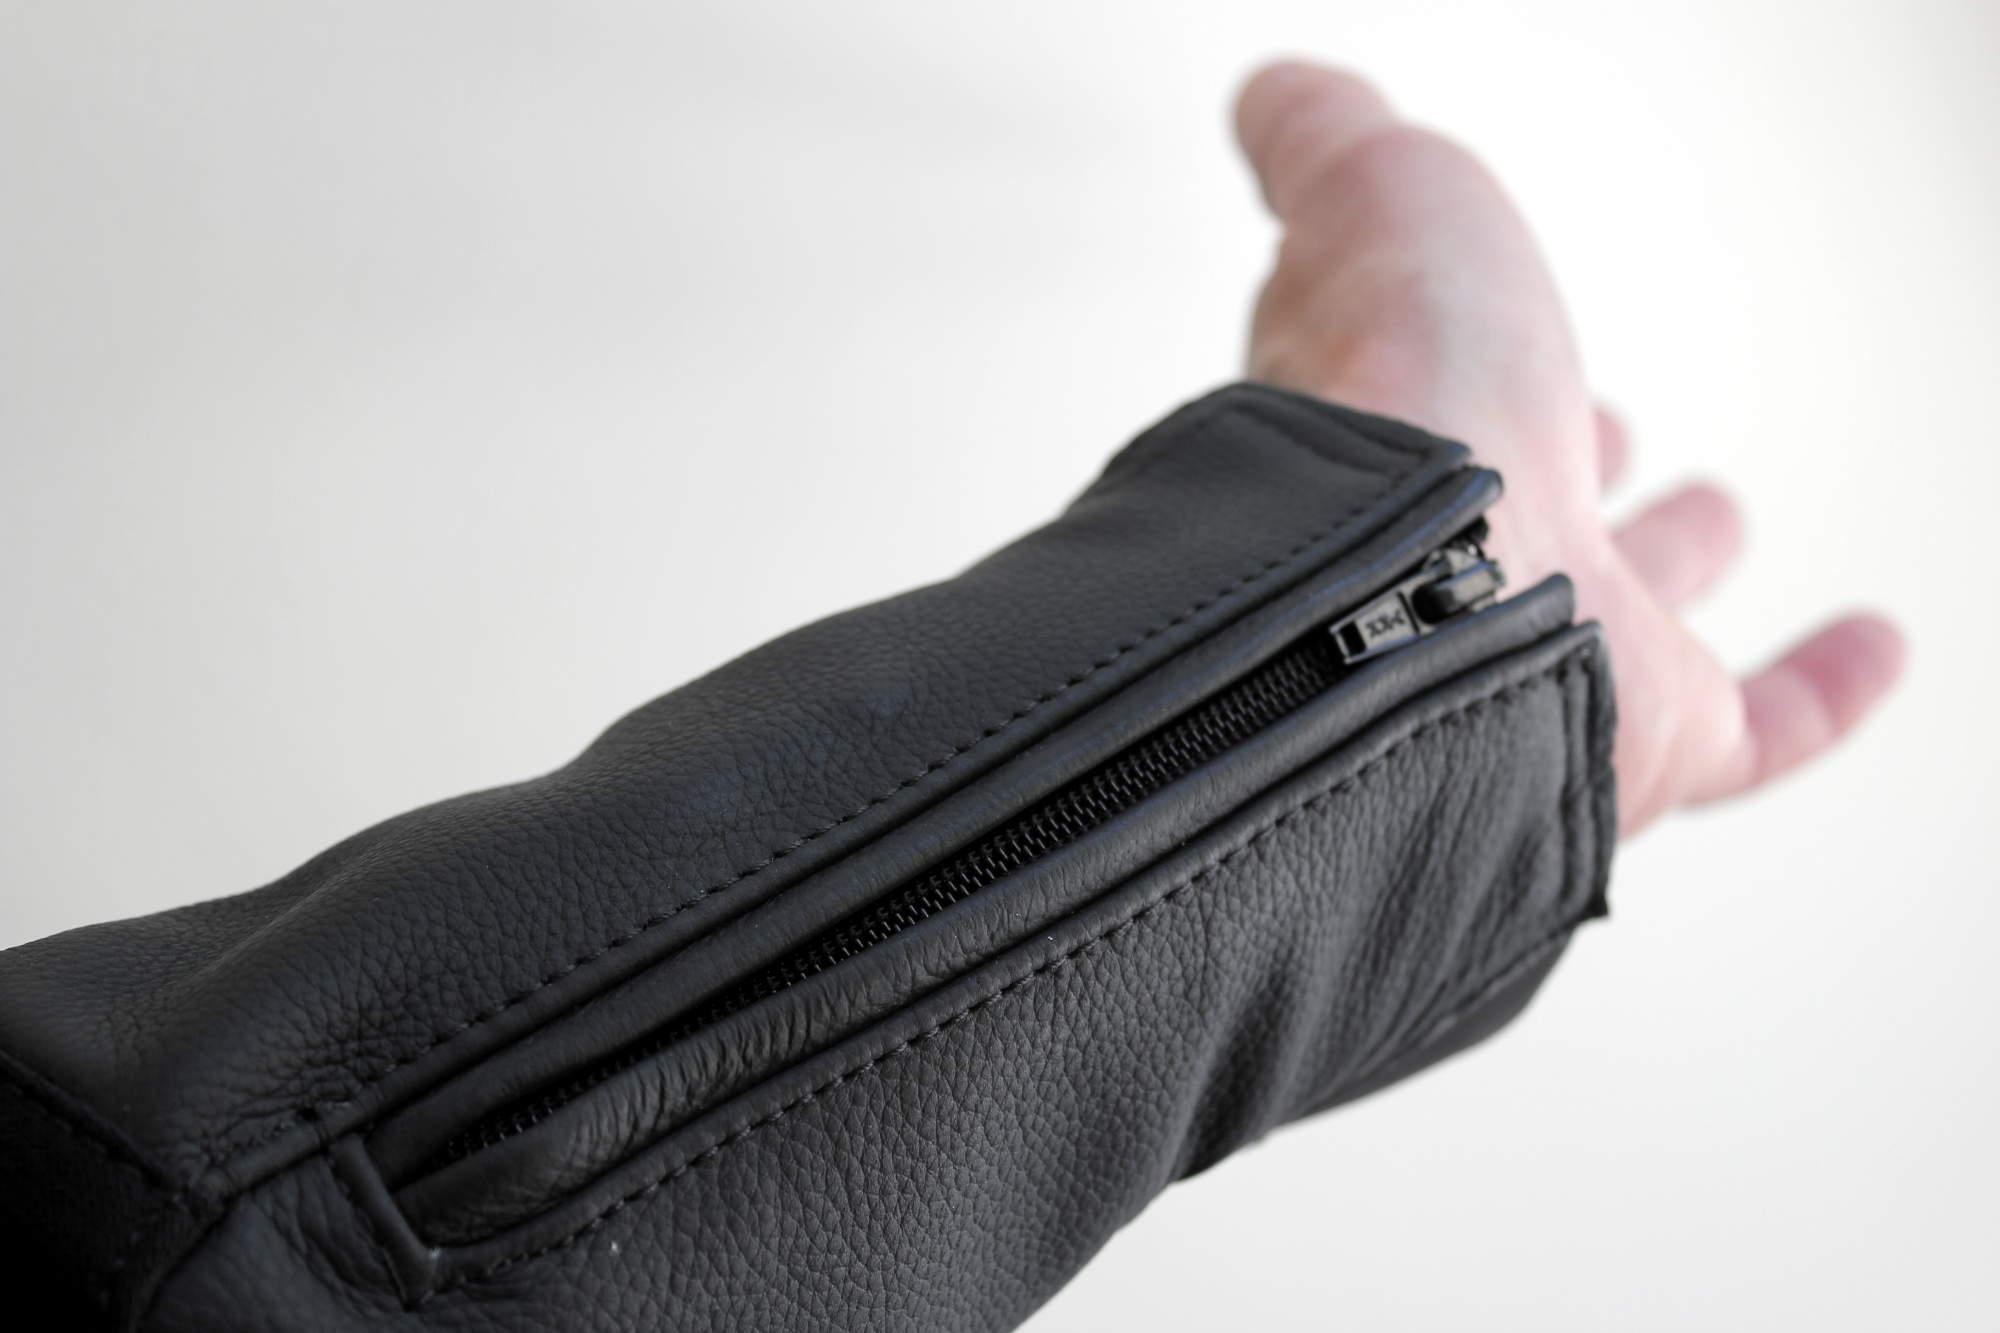 Zip serrage poignet Skybolt